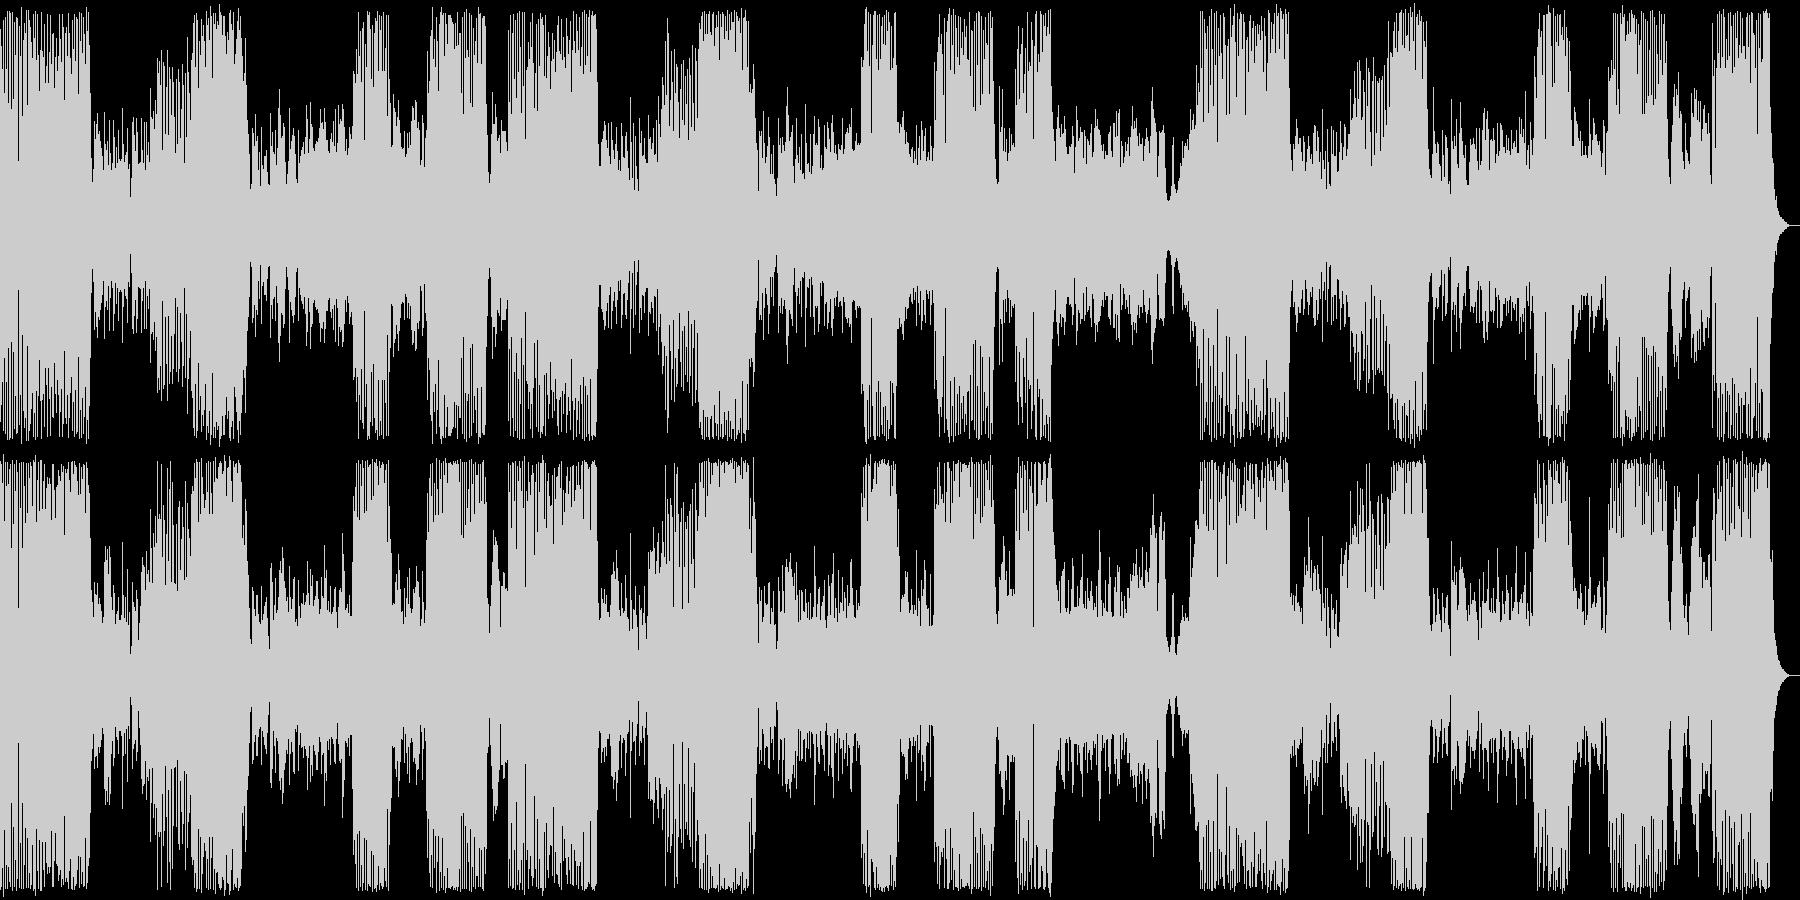 アイネ・クライネ・ナハトムジーク+リズムの未再生の波形